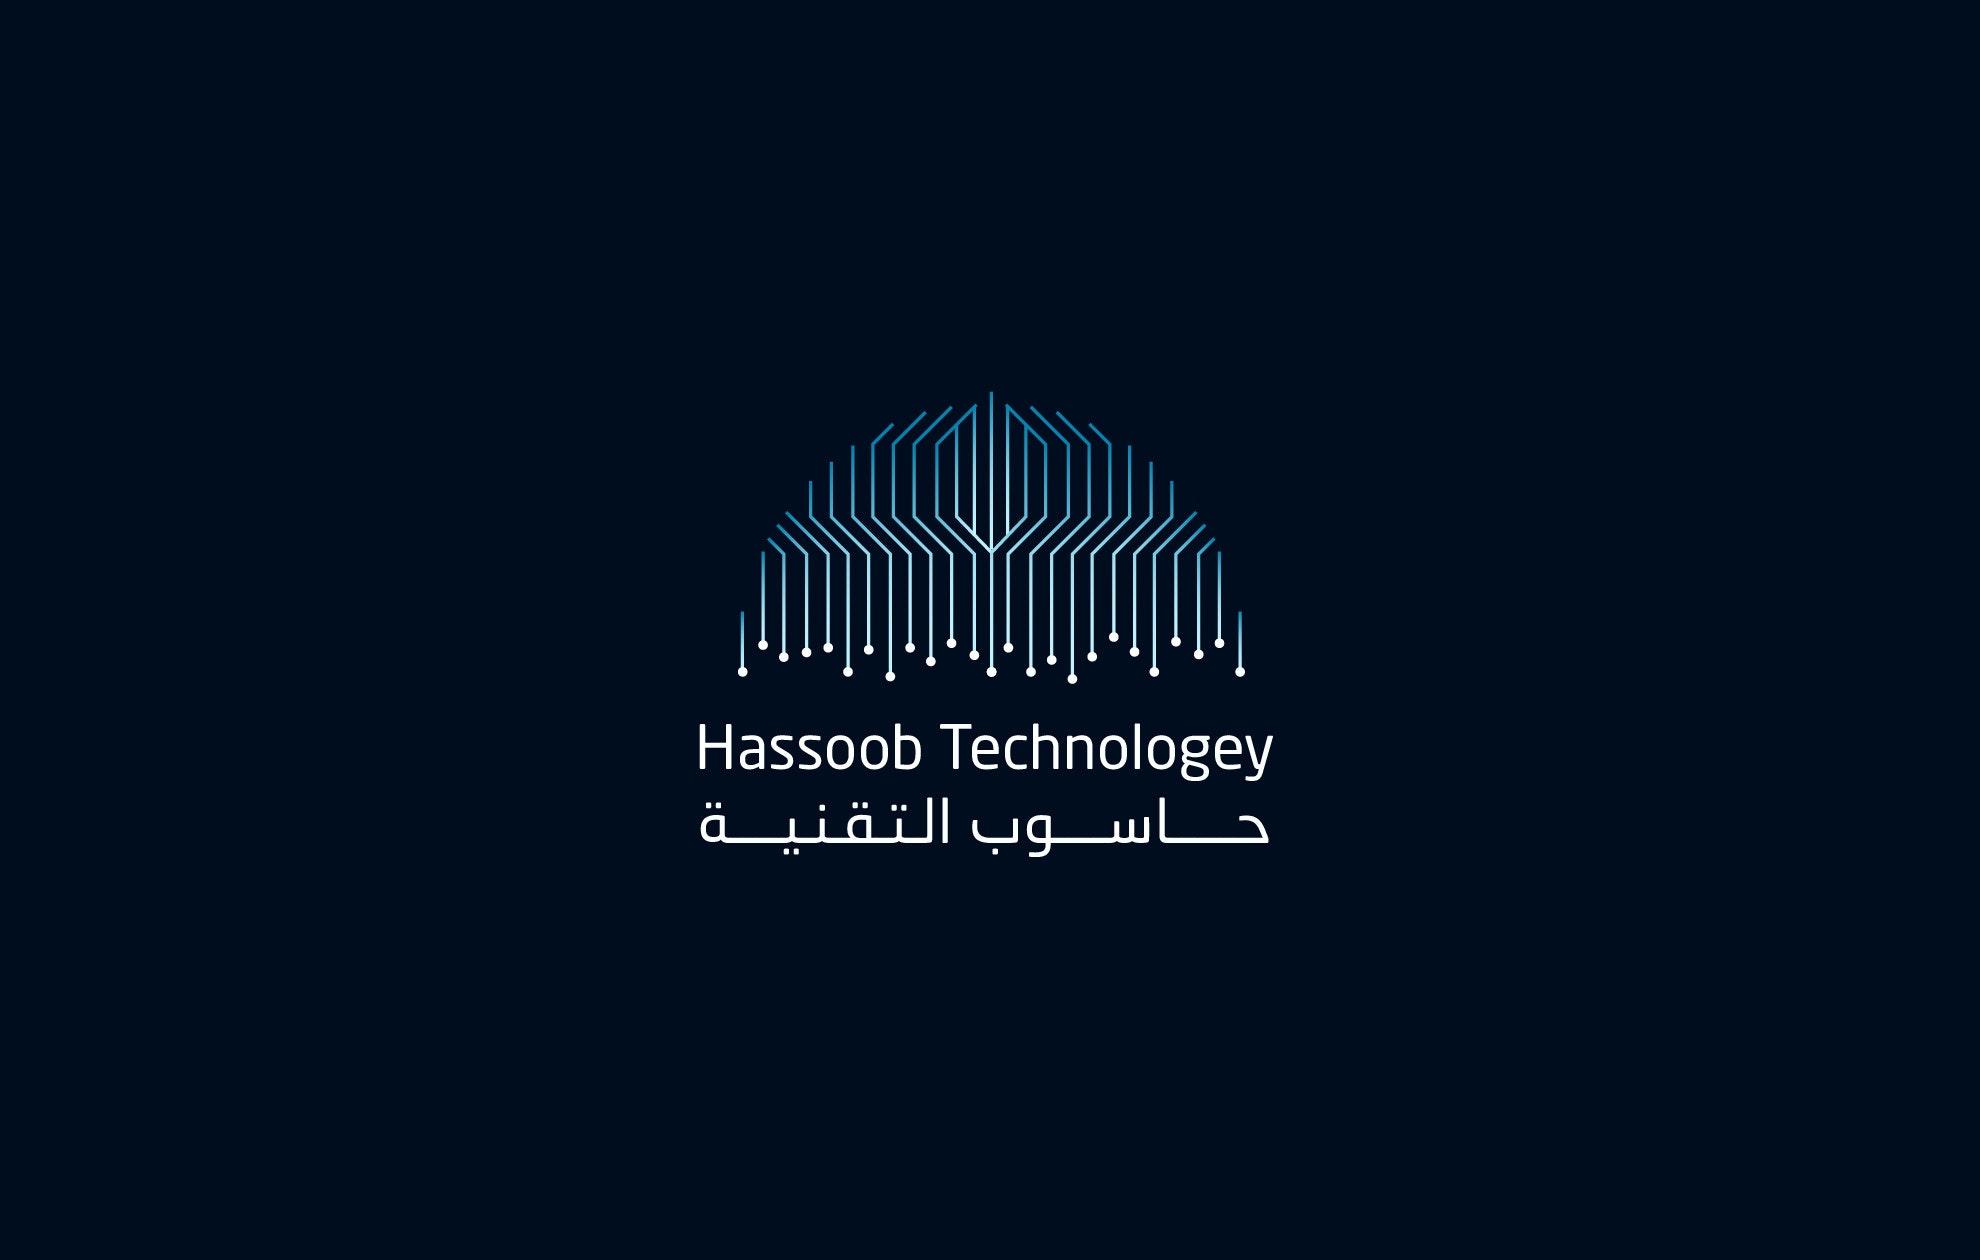 شعار حاسوب التقنية لإدارة الفنادق في المدينة المنورة